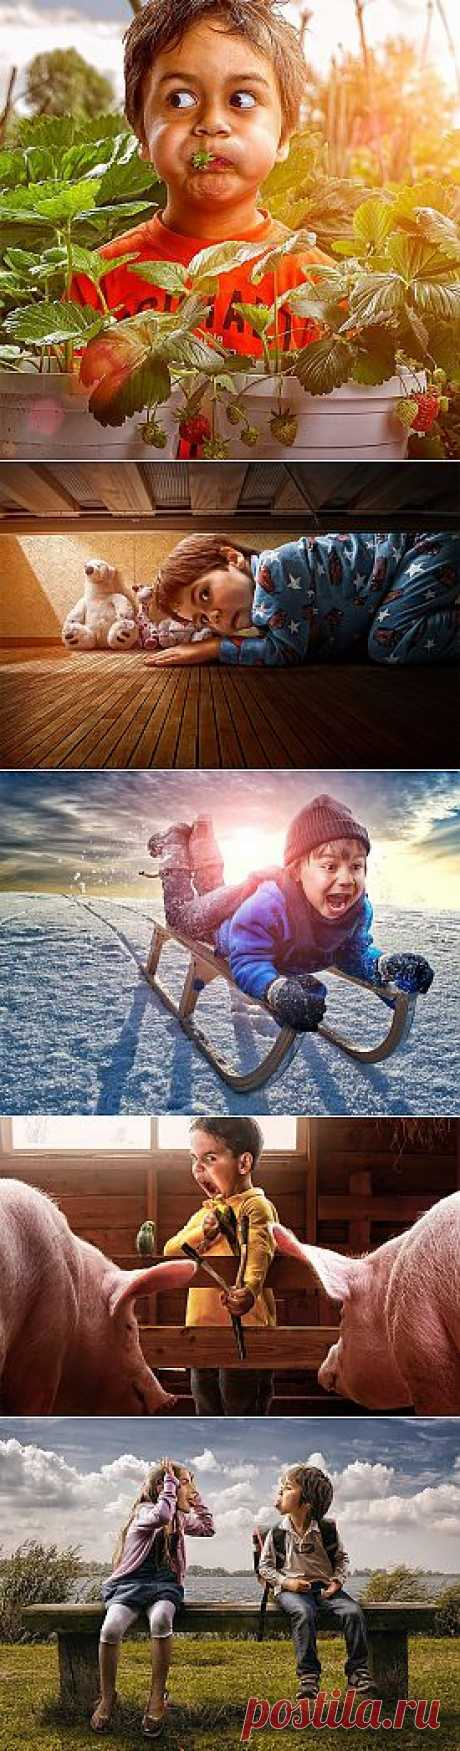 Волшебное детство: взгляни на мир глазами ребенка (фото) | 4mama.com.ua